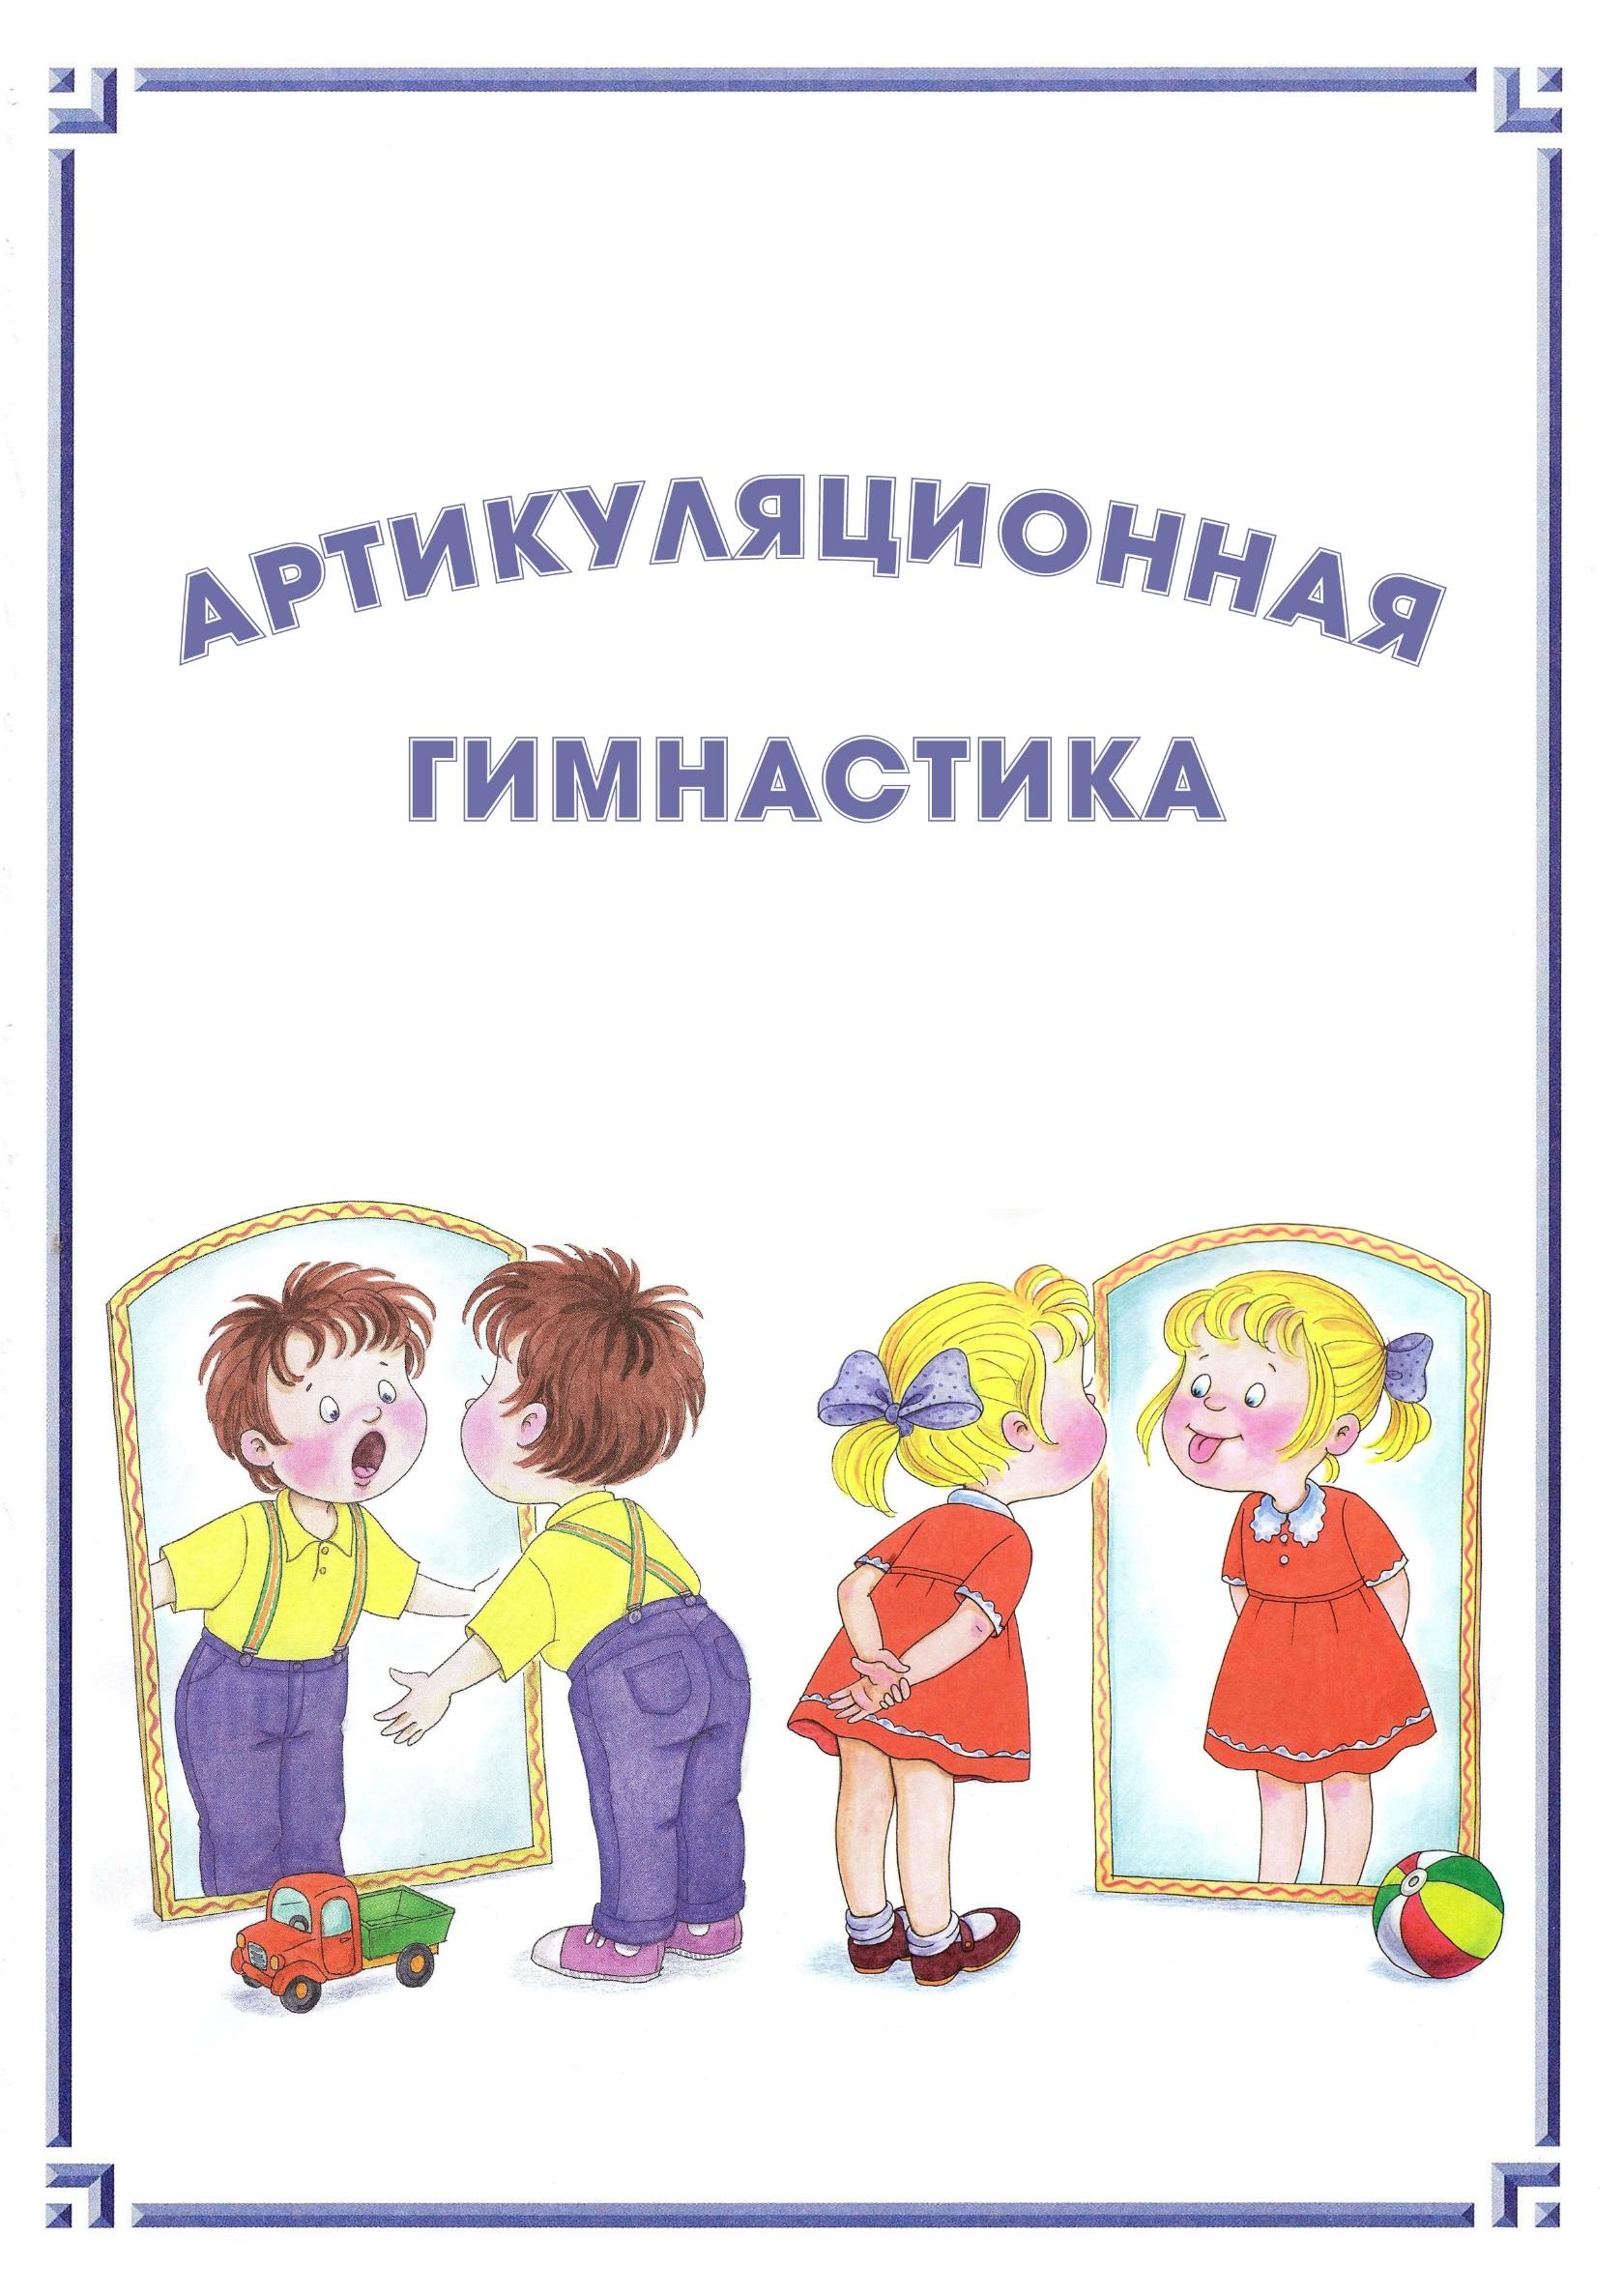 Картинка артикуляционная гимнастика для детей